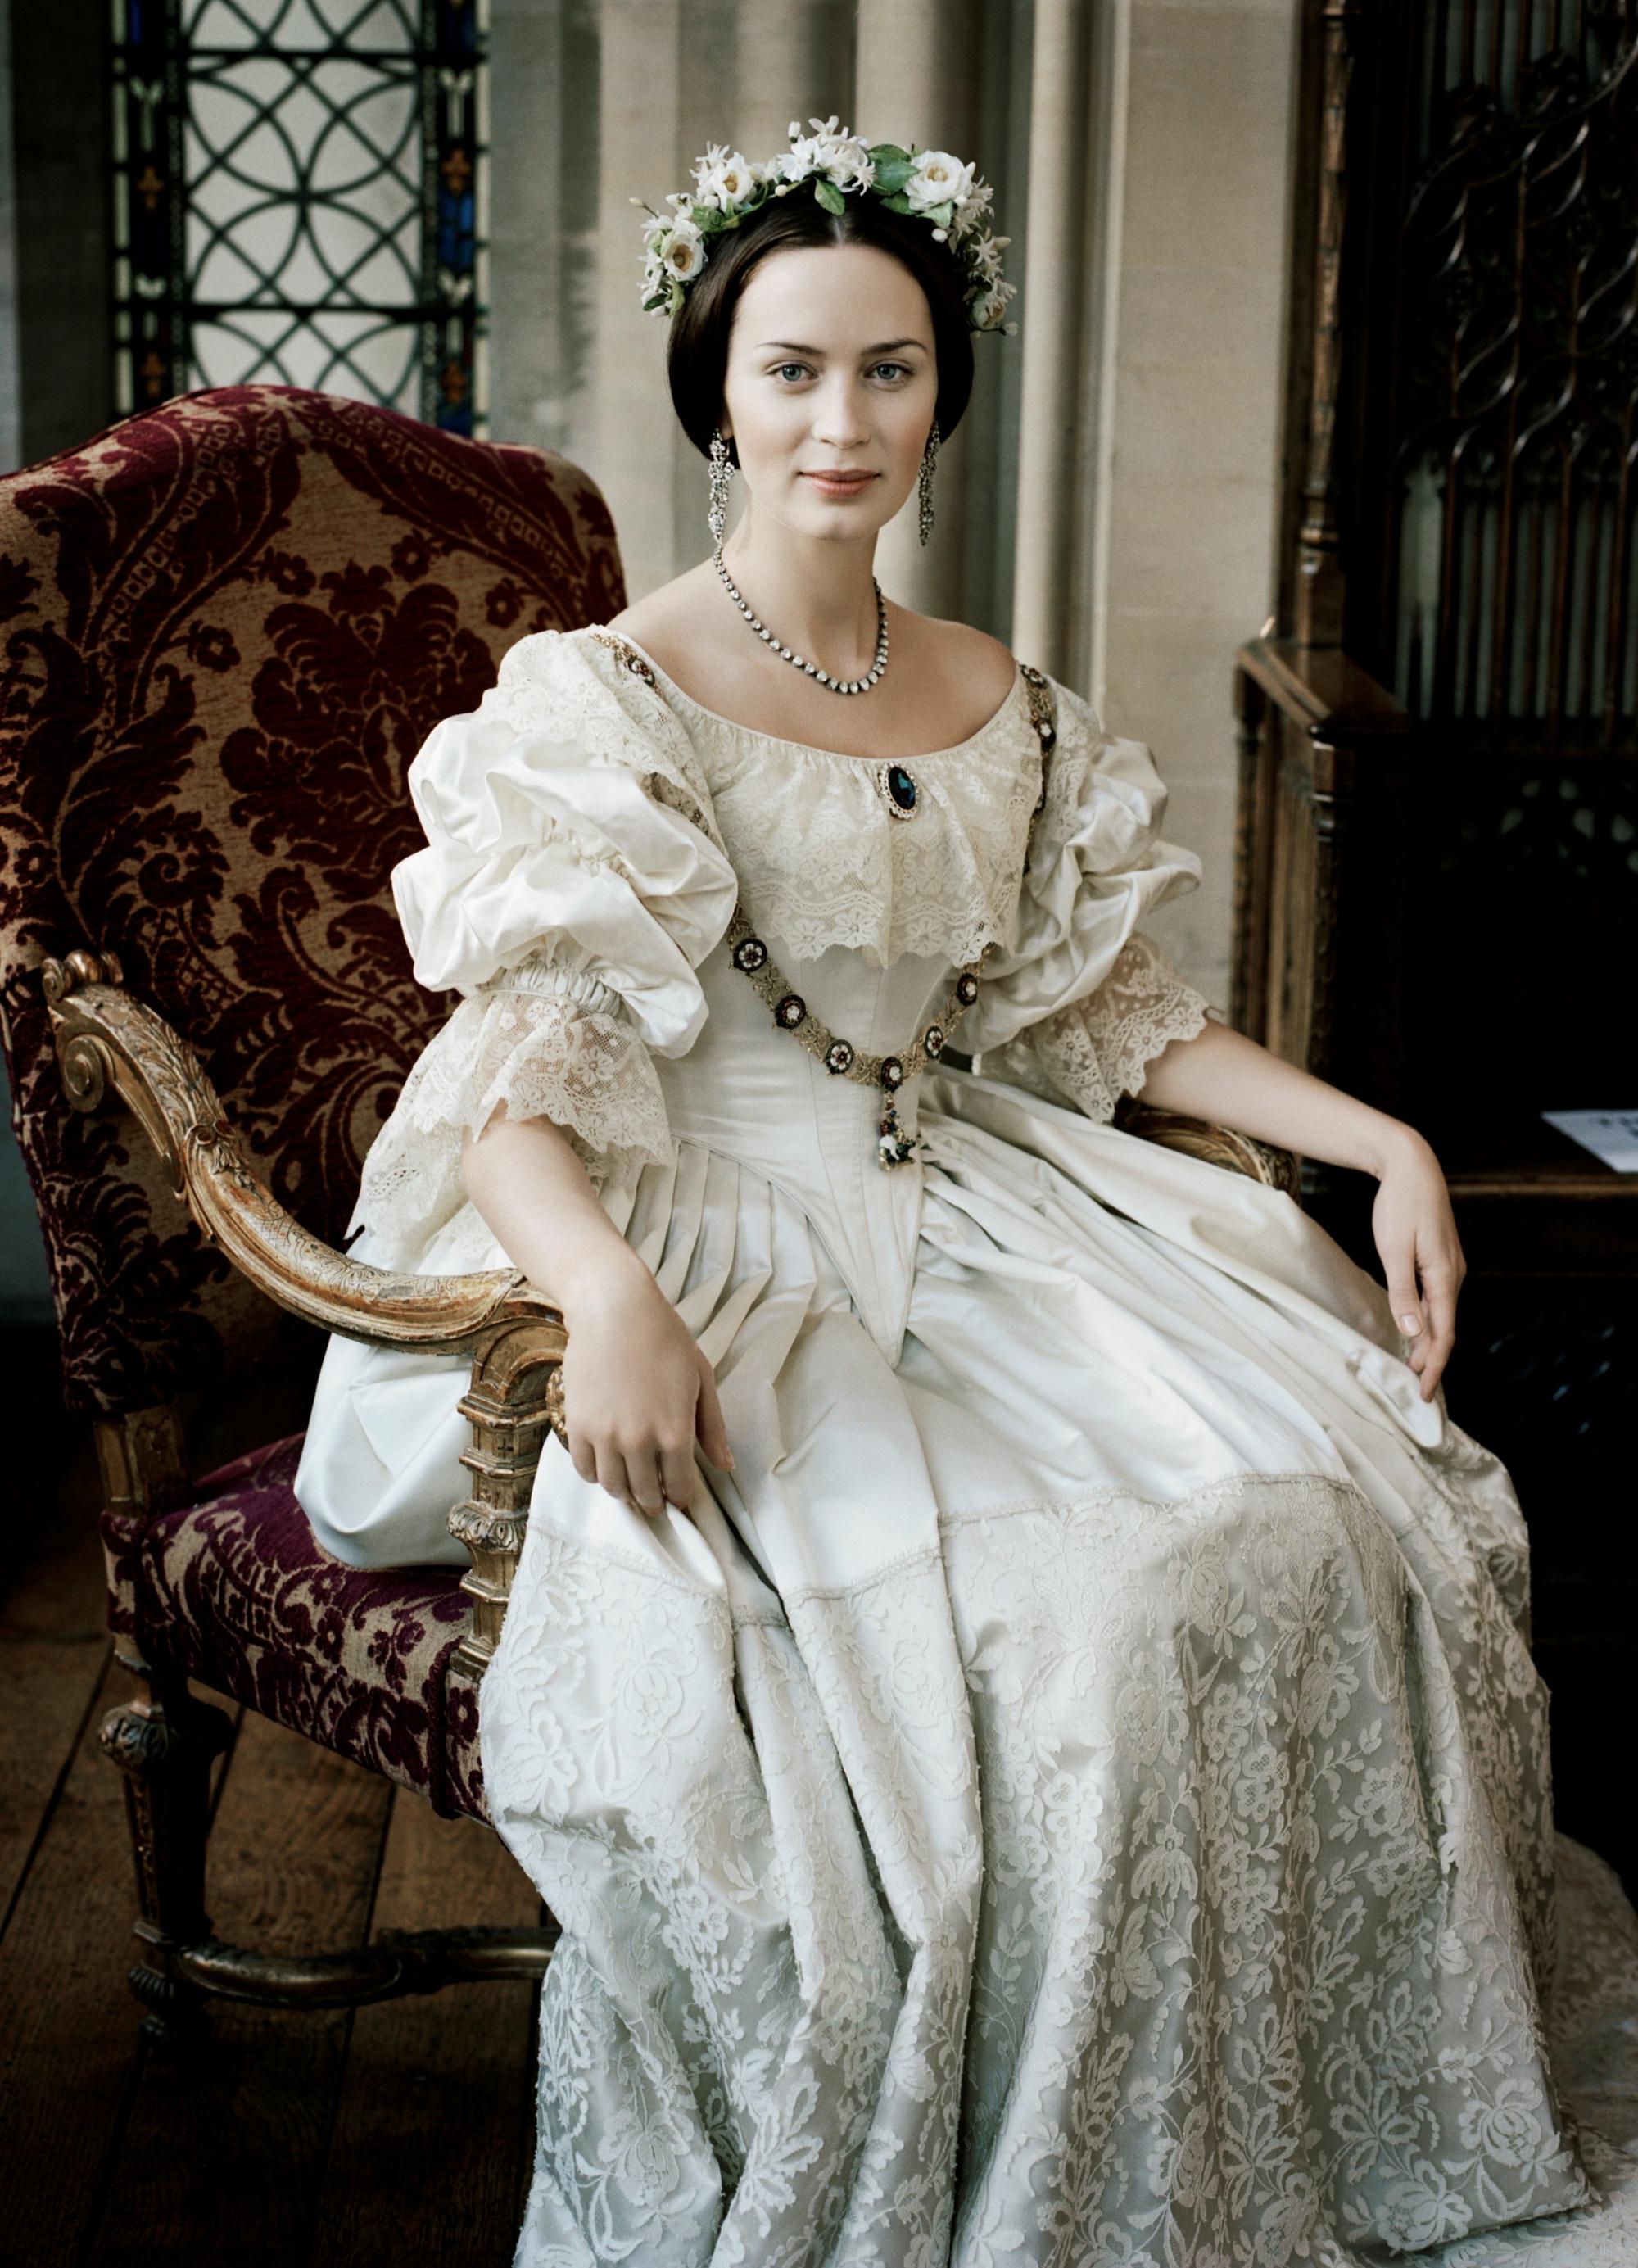 Викторианский стиль в одежде Викторианский стиль в одежде